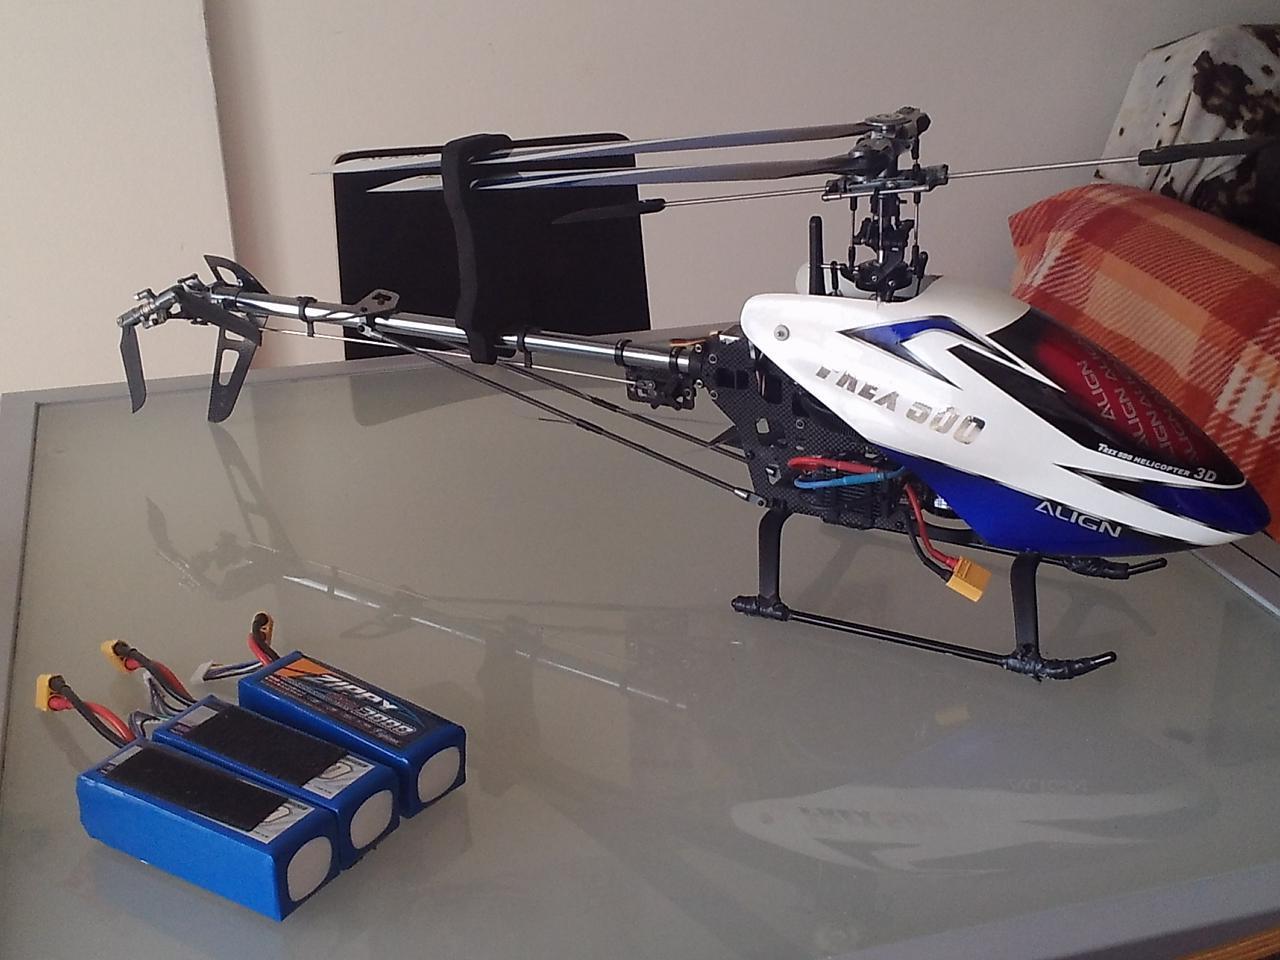 Elicottero T Rex 500 : Vendo t rex baronerosso forum modellismo